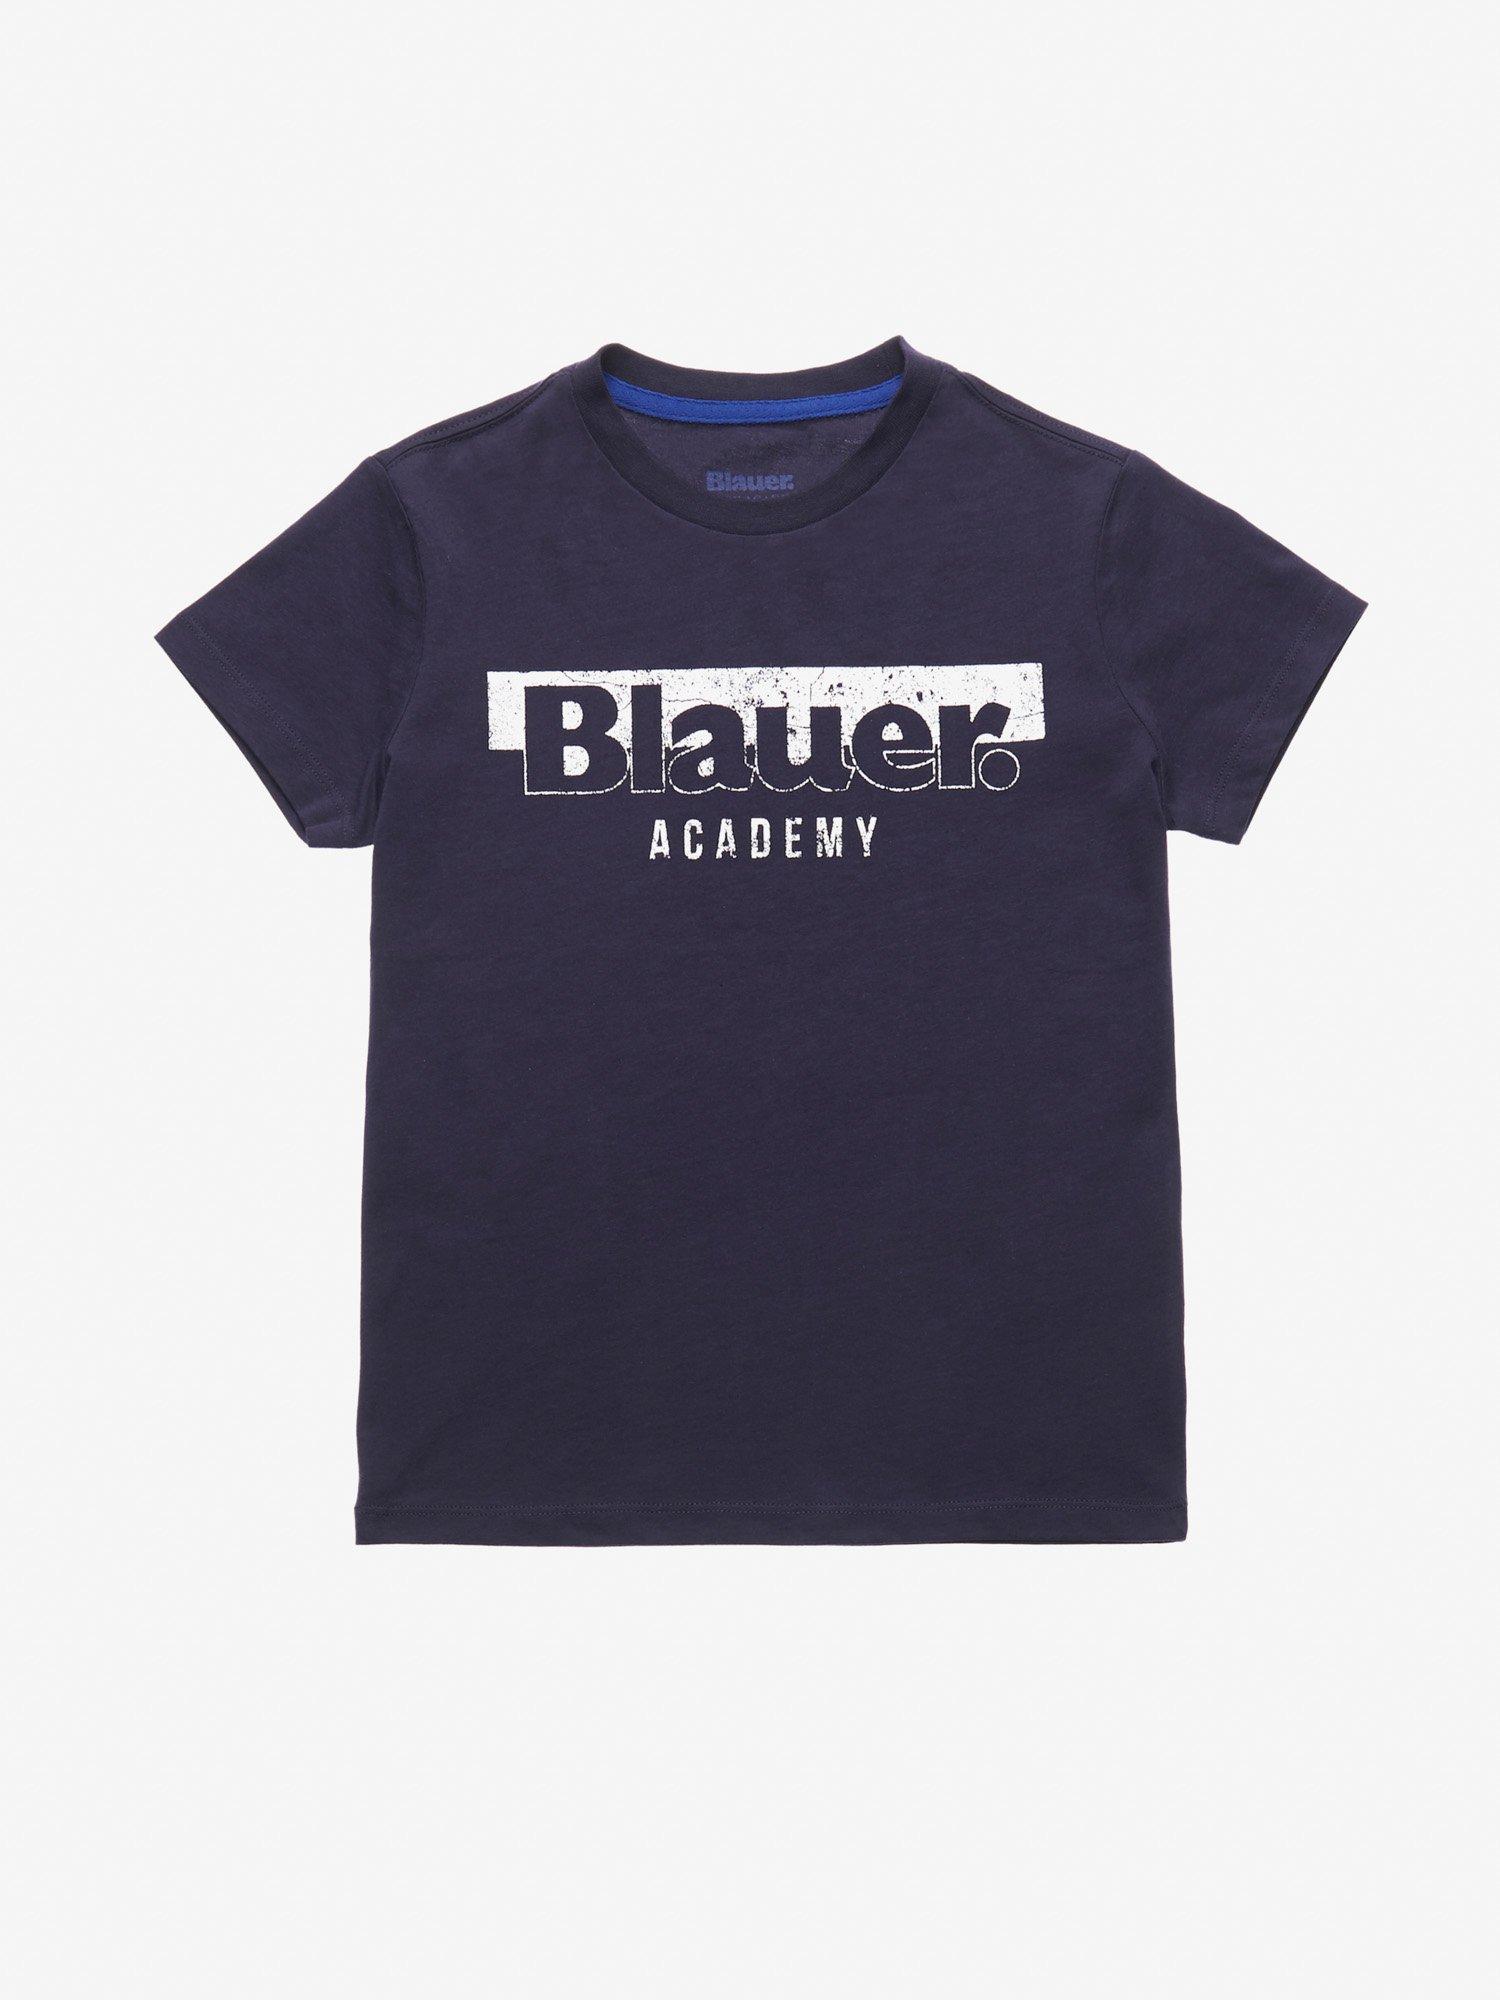 JUNIOR BLAUER ACADEMY T-SHIRT - Blauer